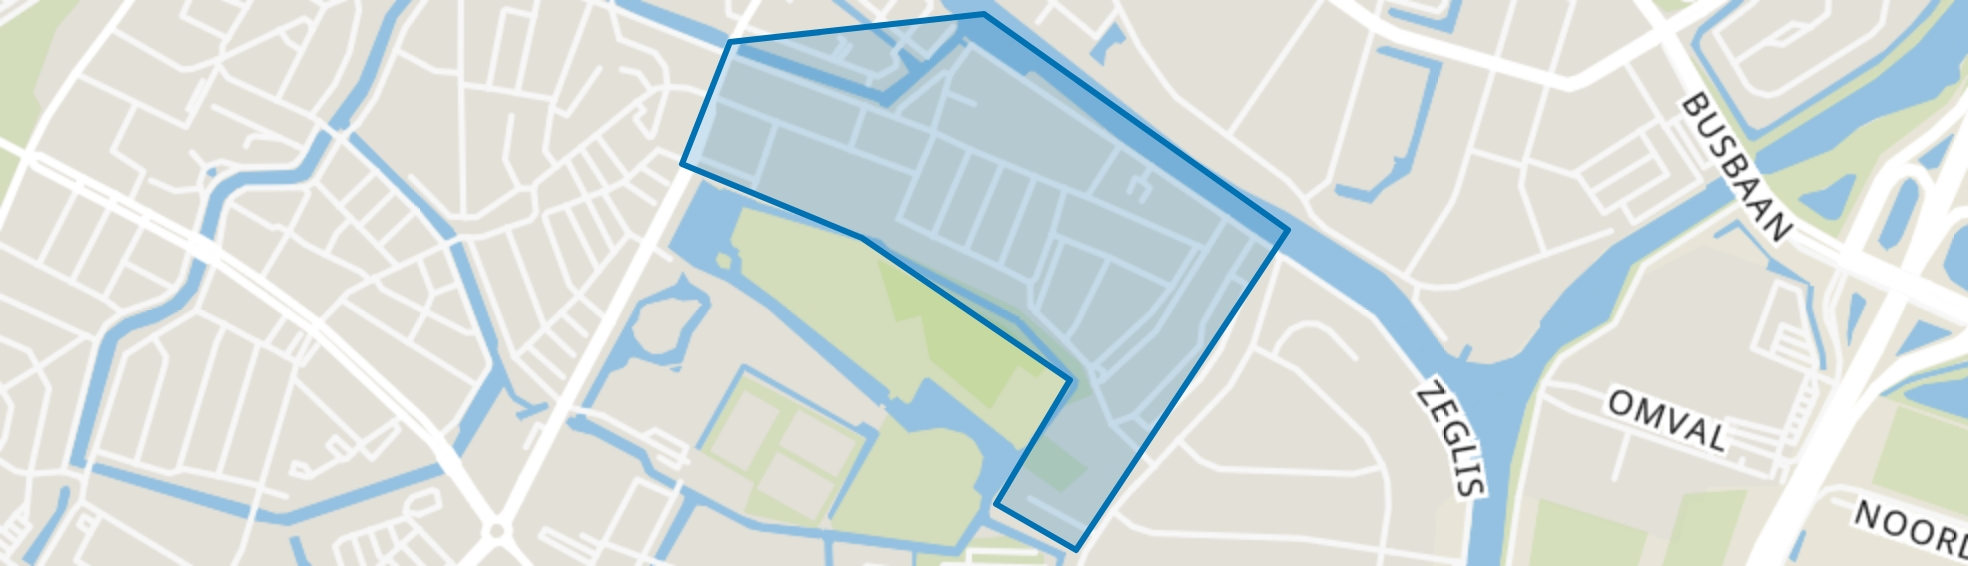 Oud-Overdie, Alkmaar map